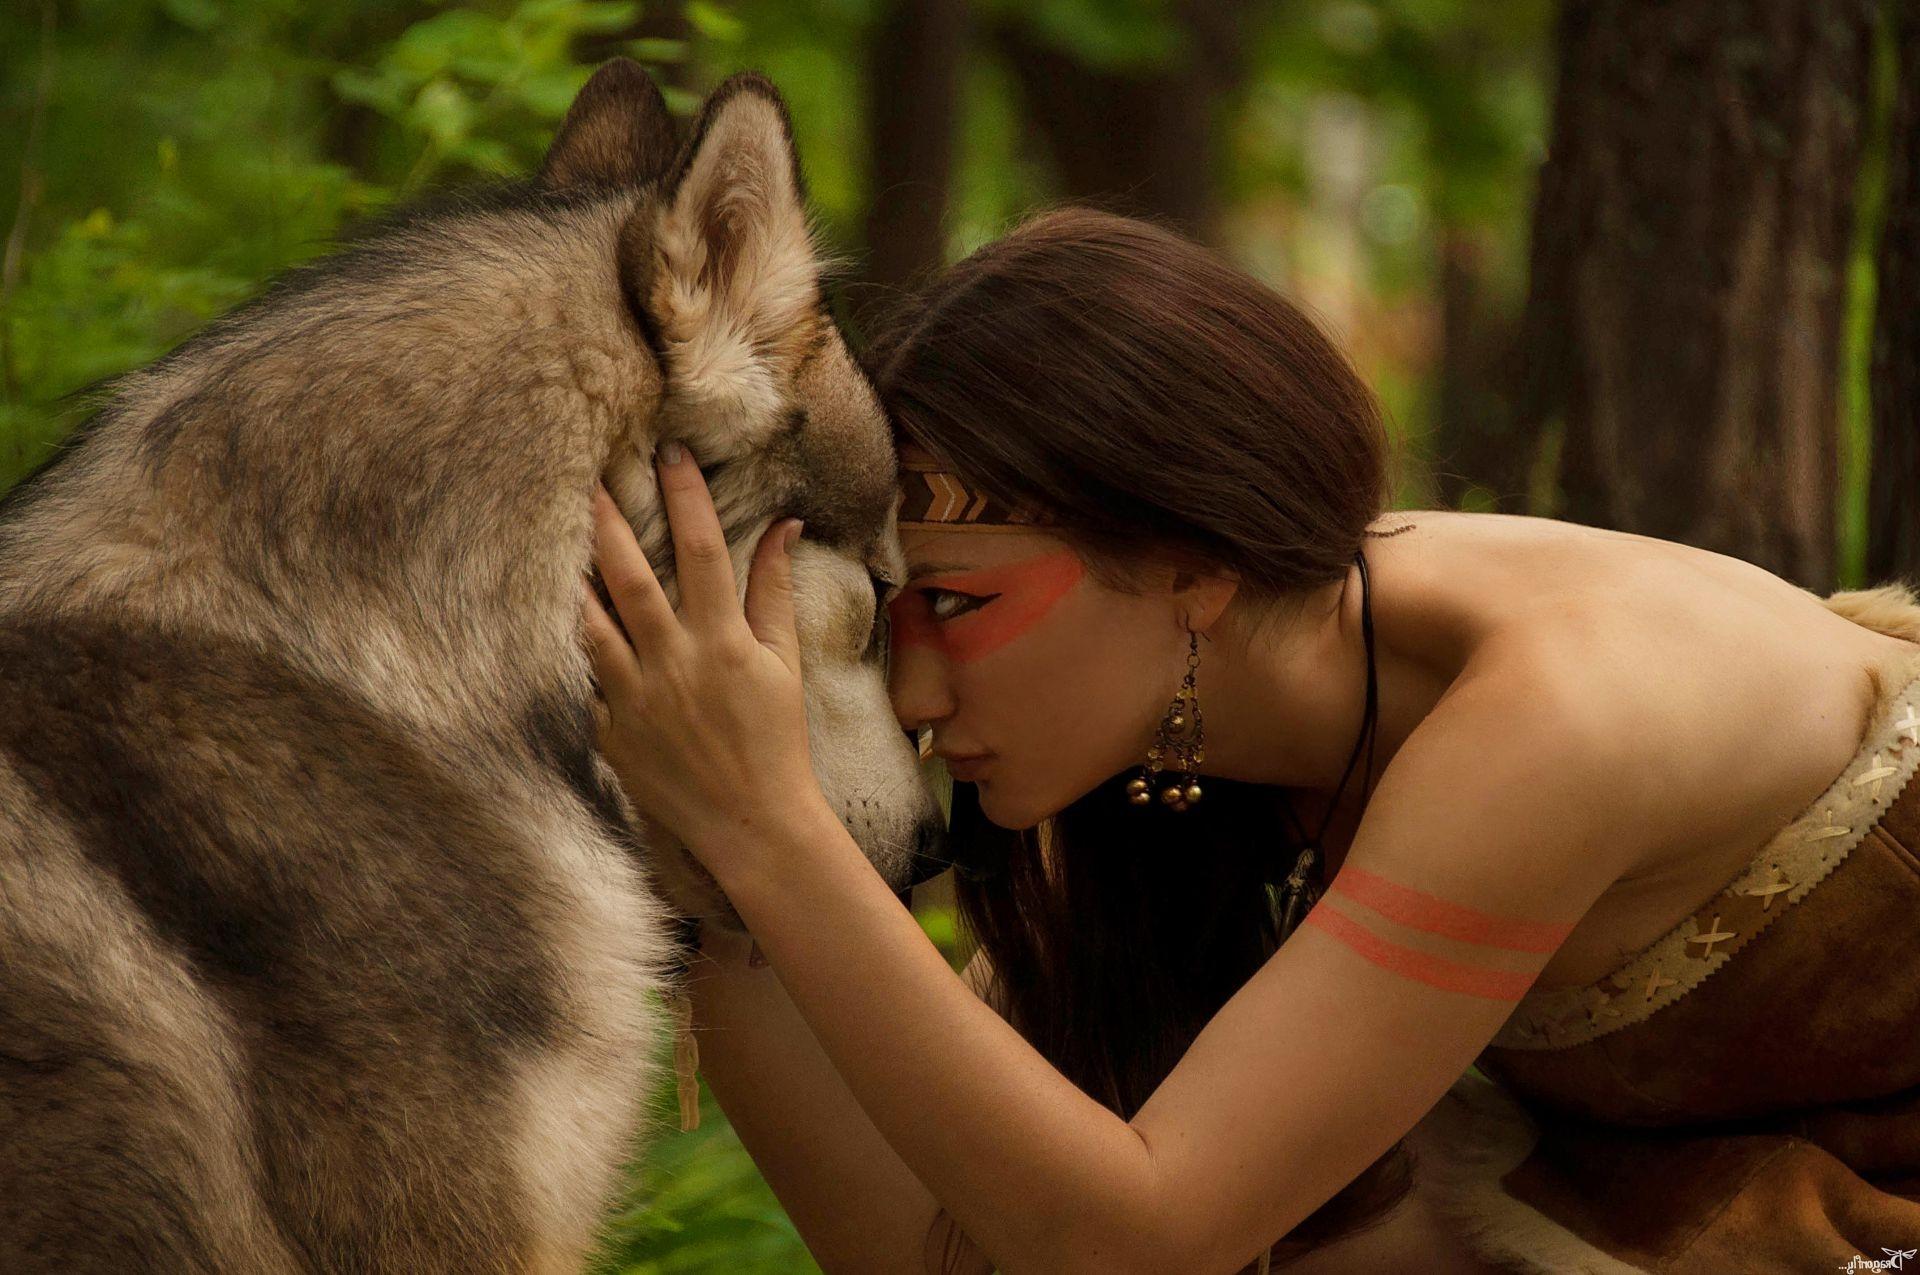 фото для жены животных мегаполис